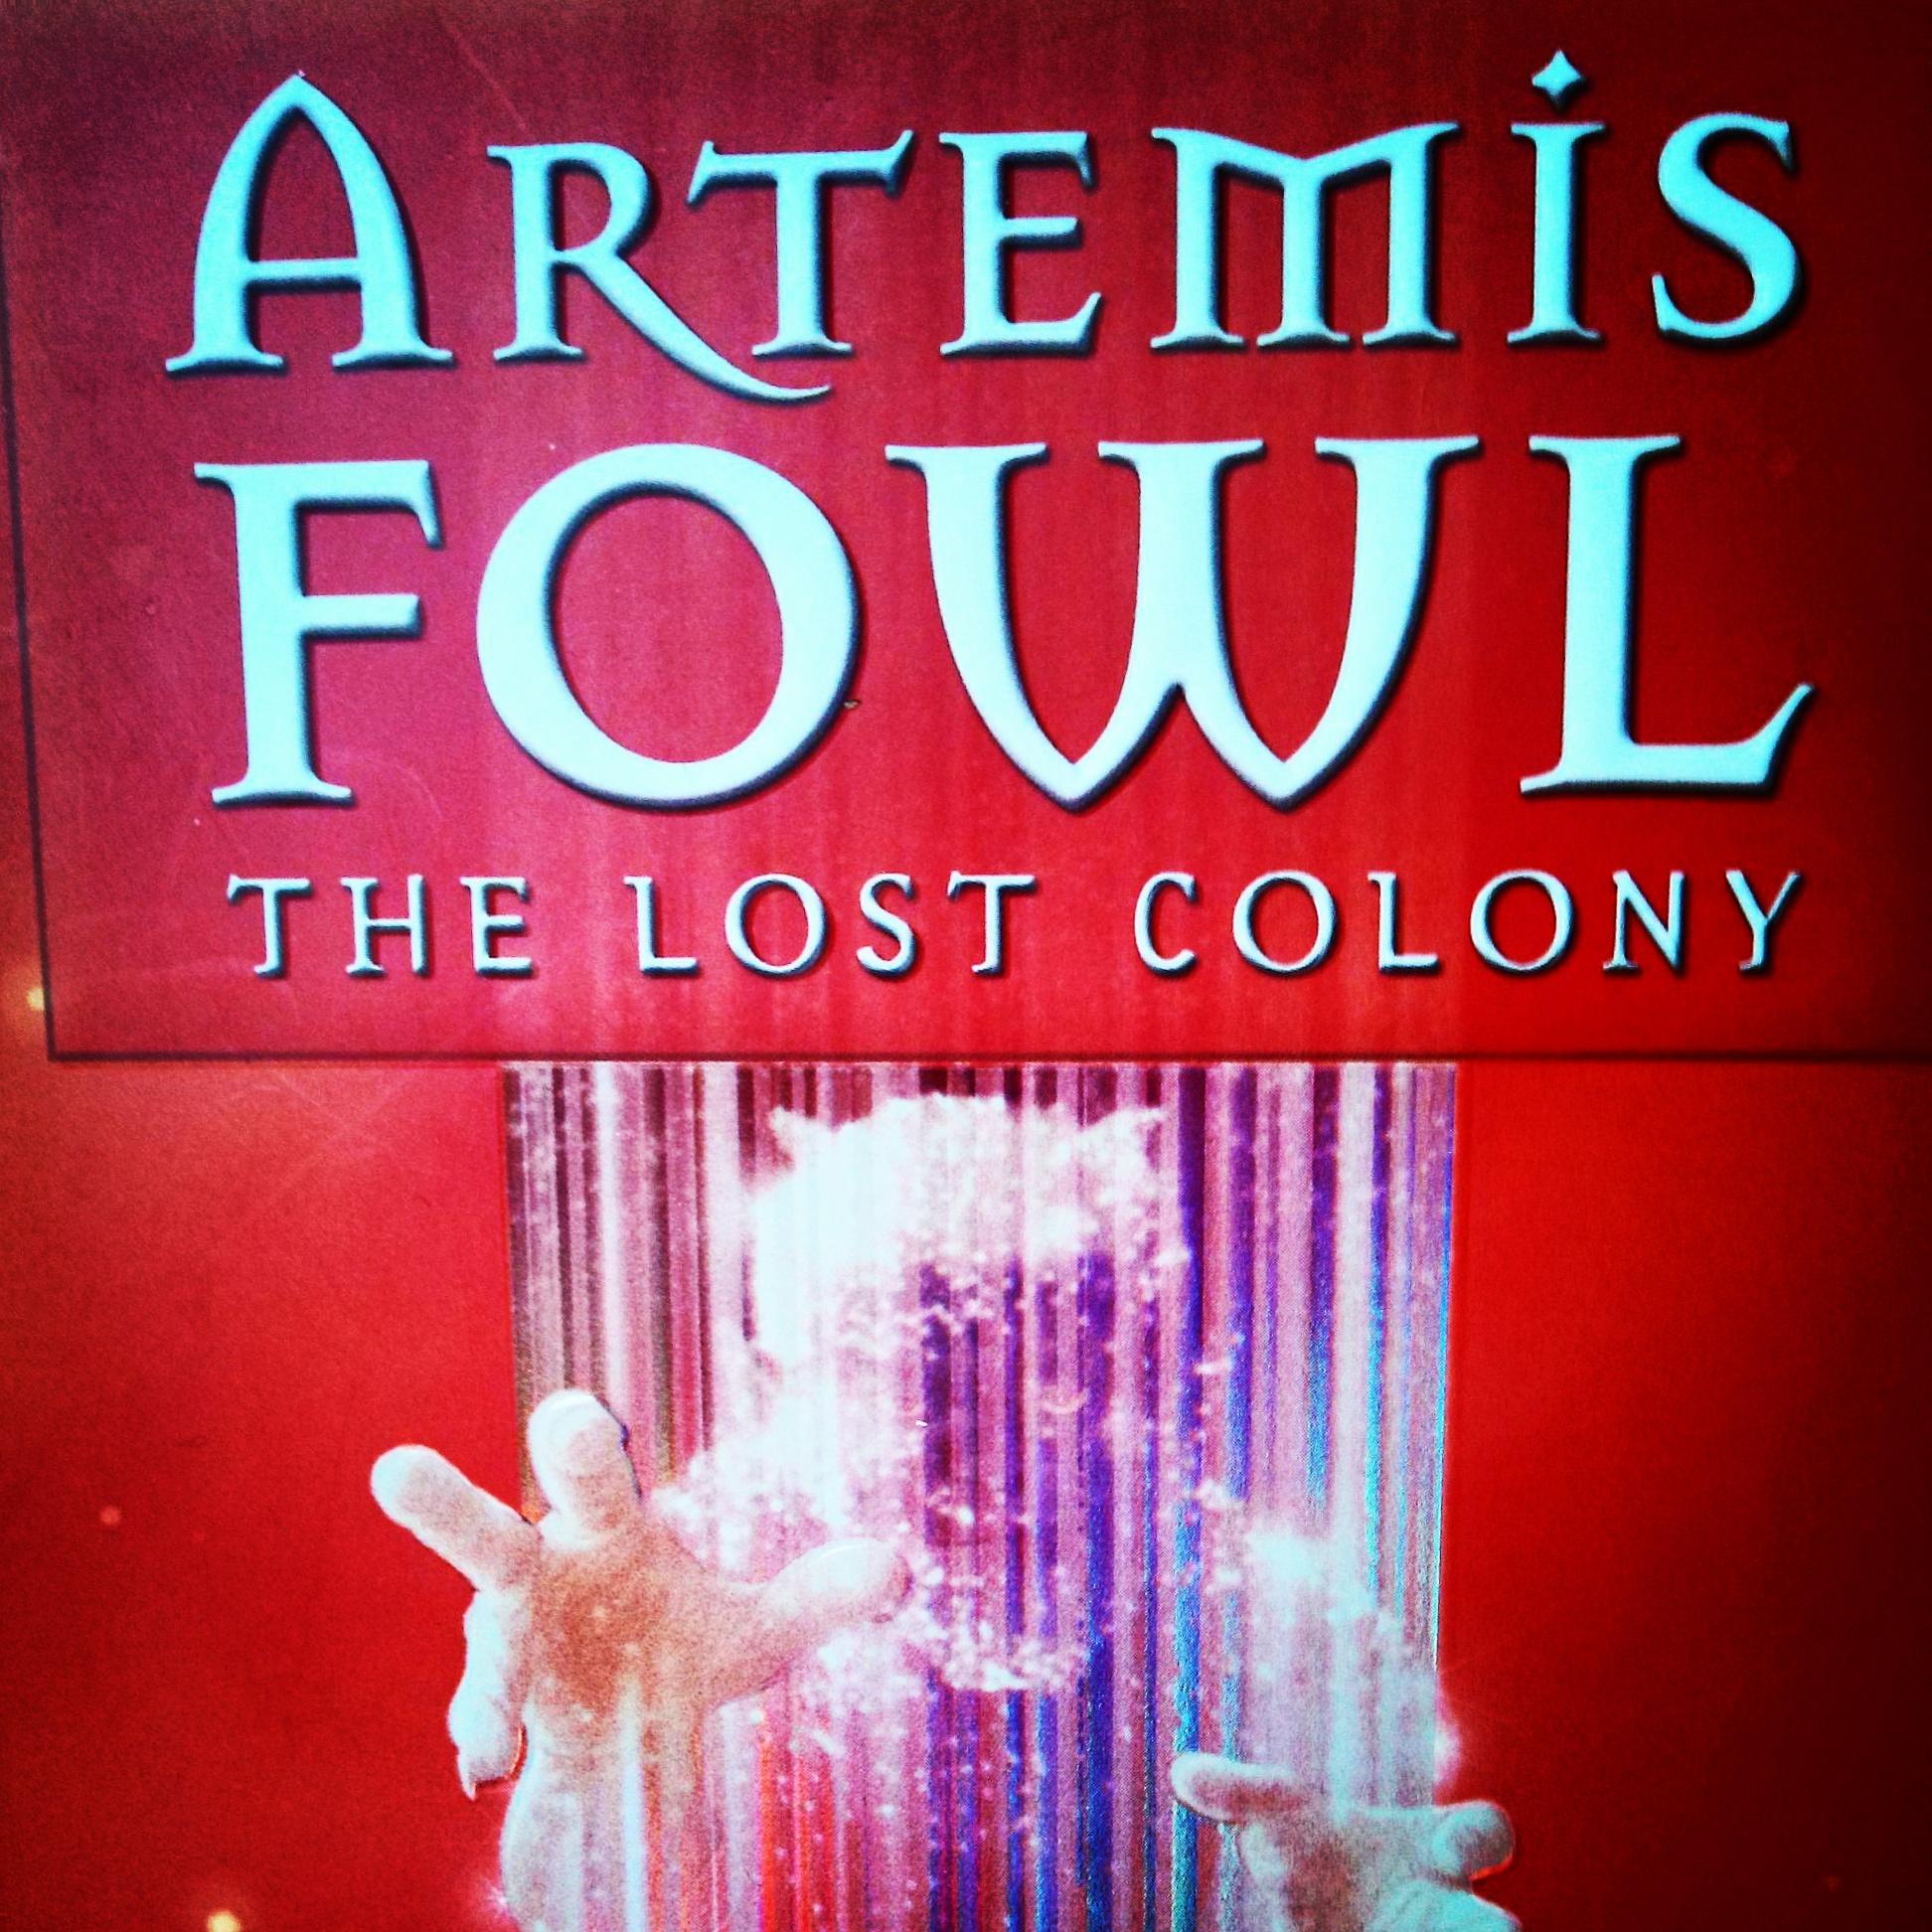 THE LOST COLONY ARTEMIS FOWL EBOOK